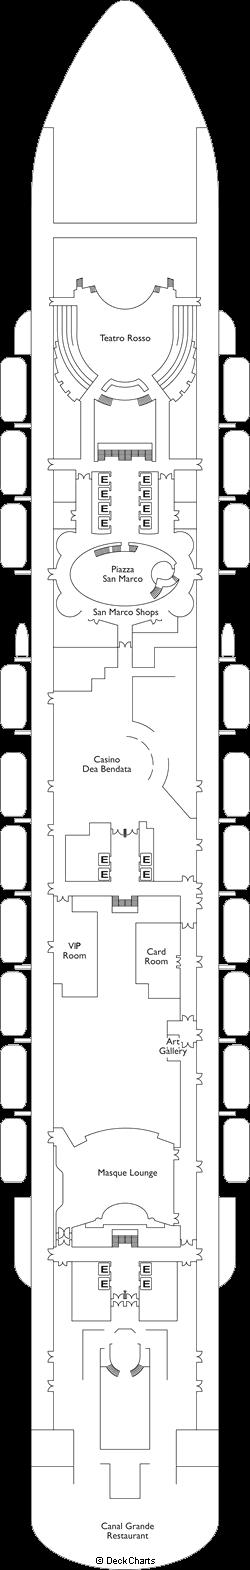 Costa Venezia: Deck 4